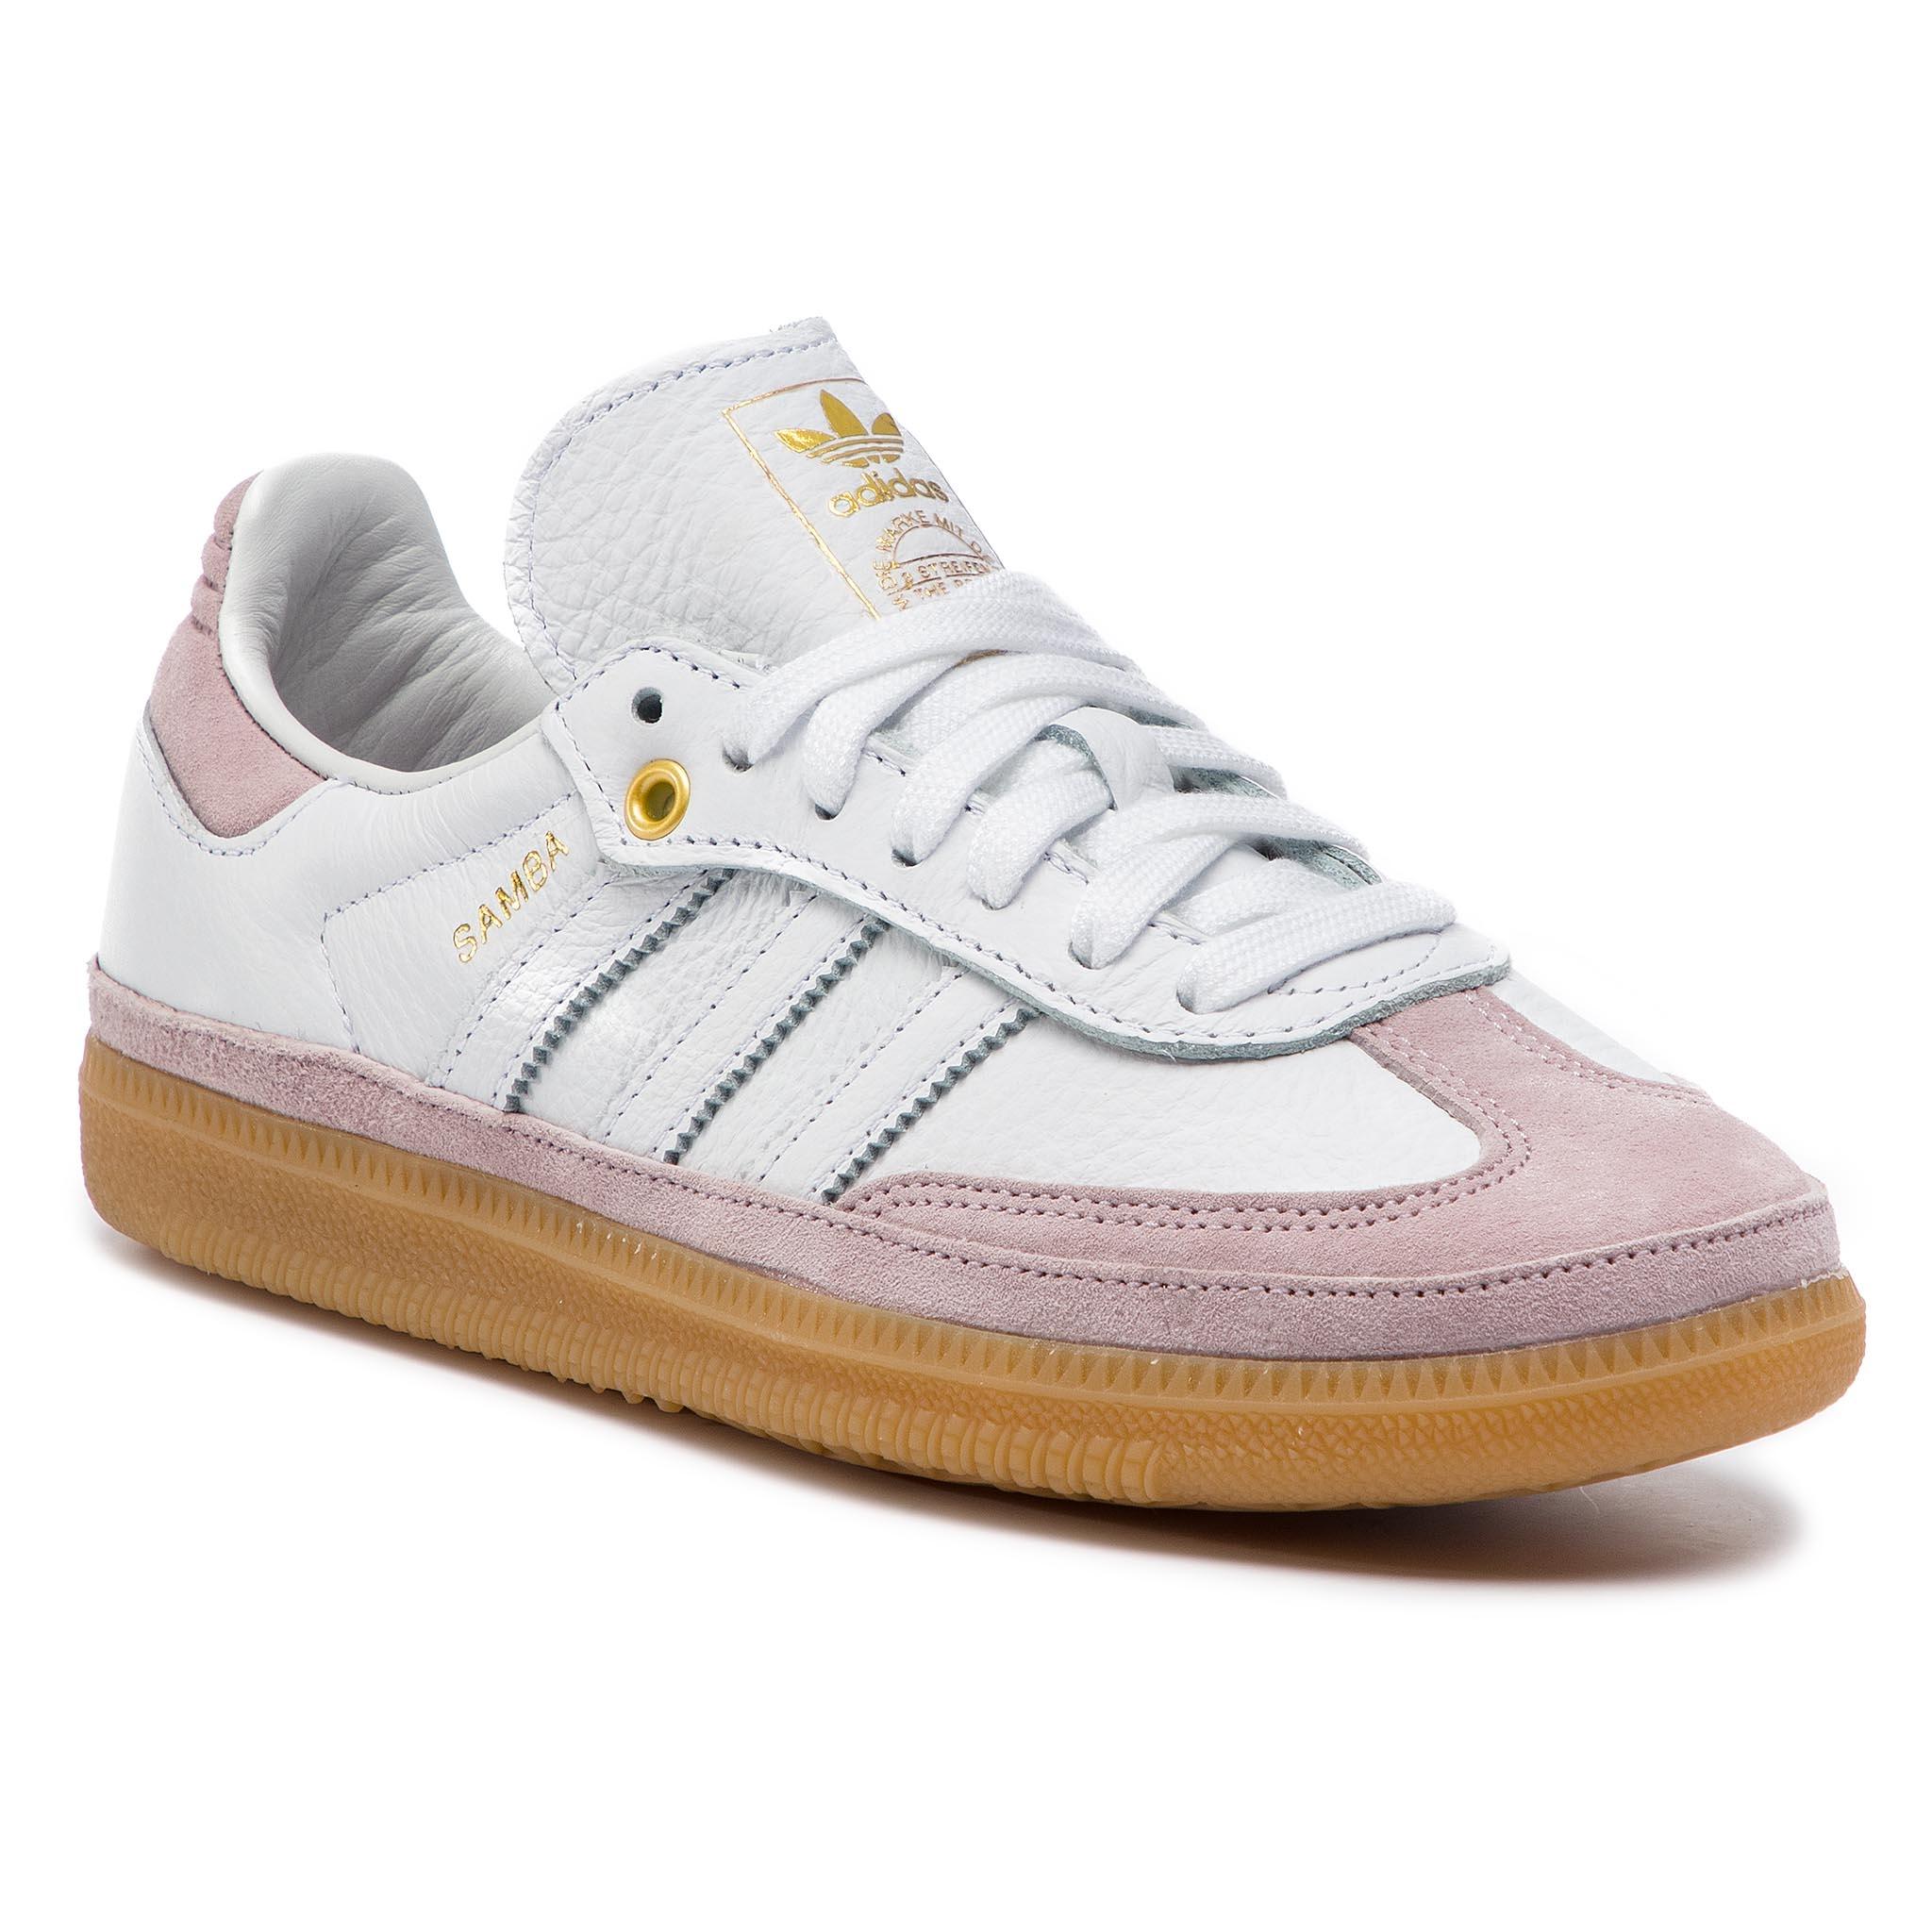 81ba585c50 Cipő adidas - Samba Og W Relay CG6097 Ftwwht/Ftwwht/Sofvis - Glami.hu